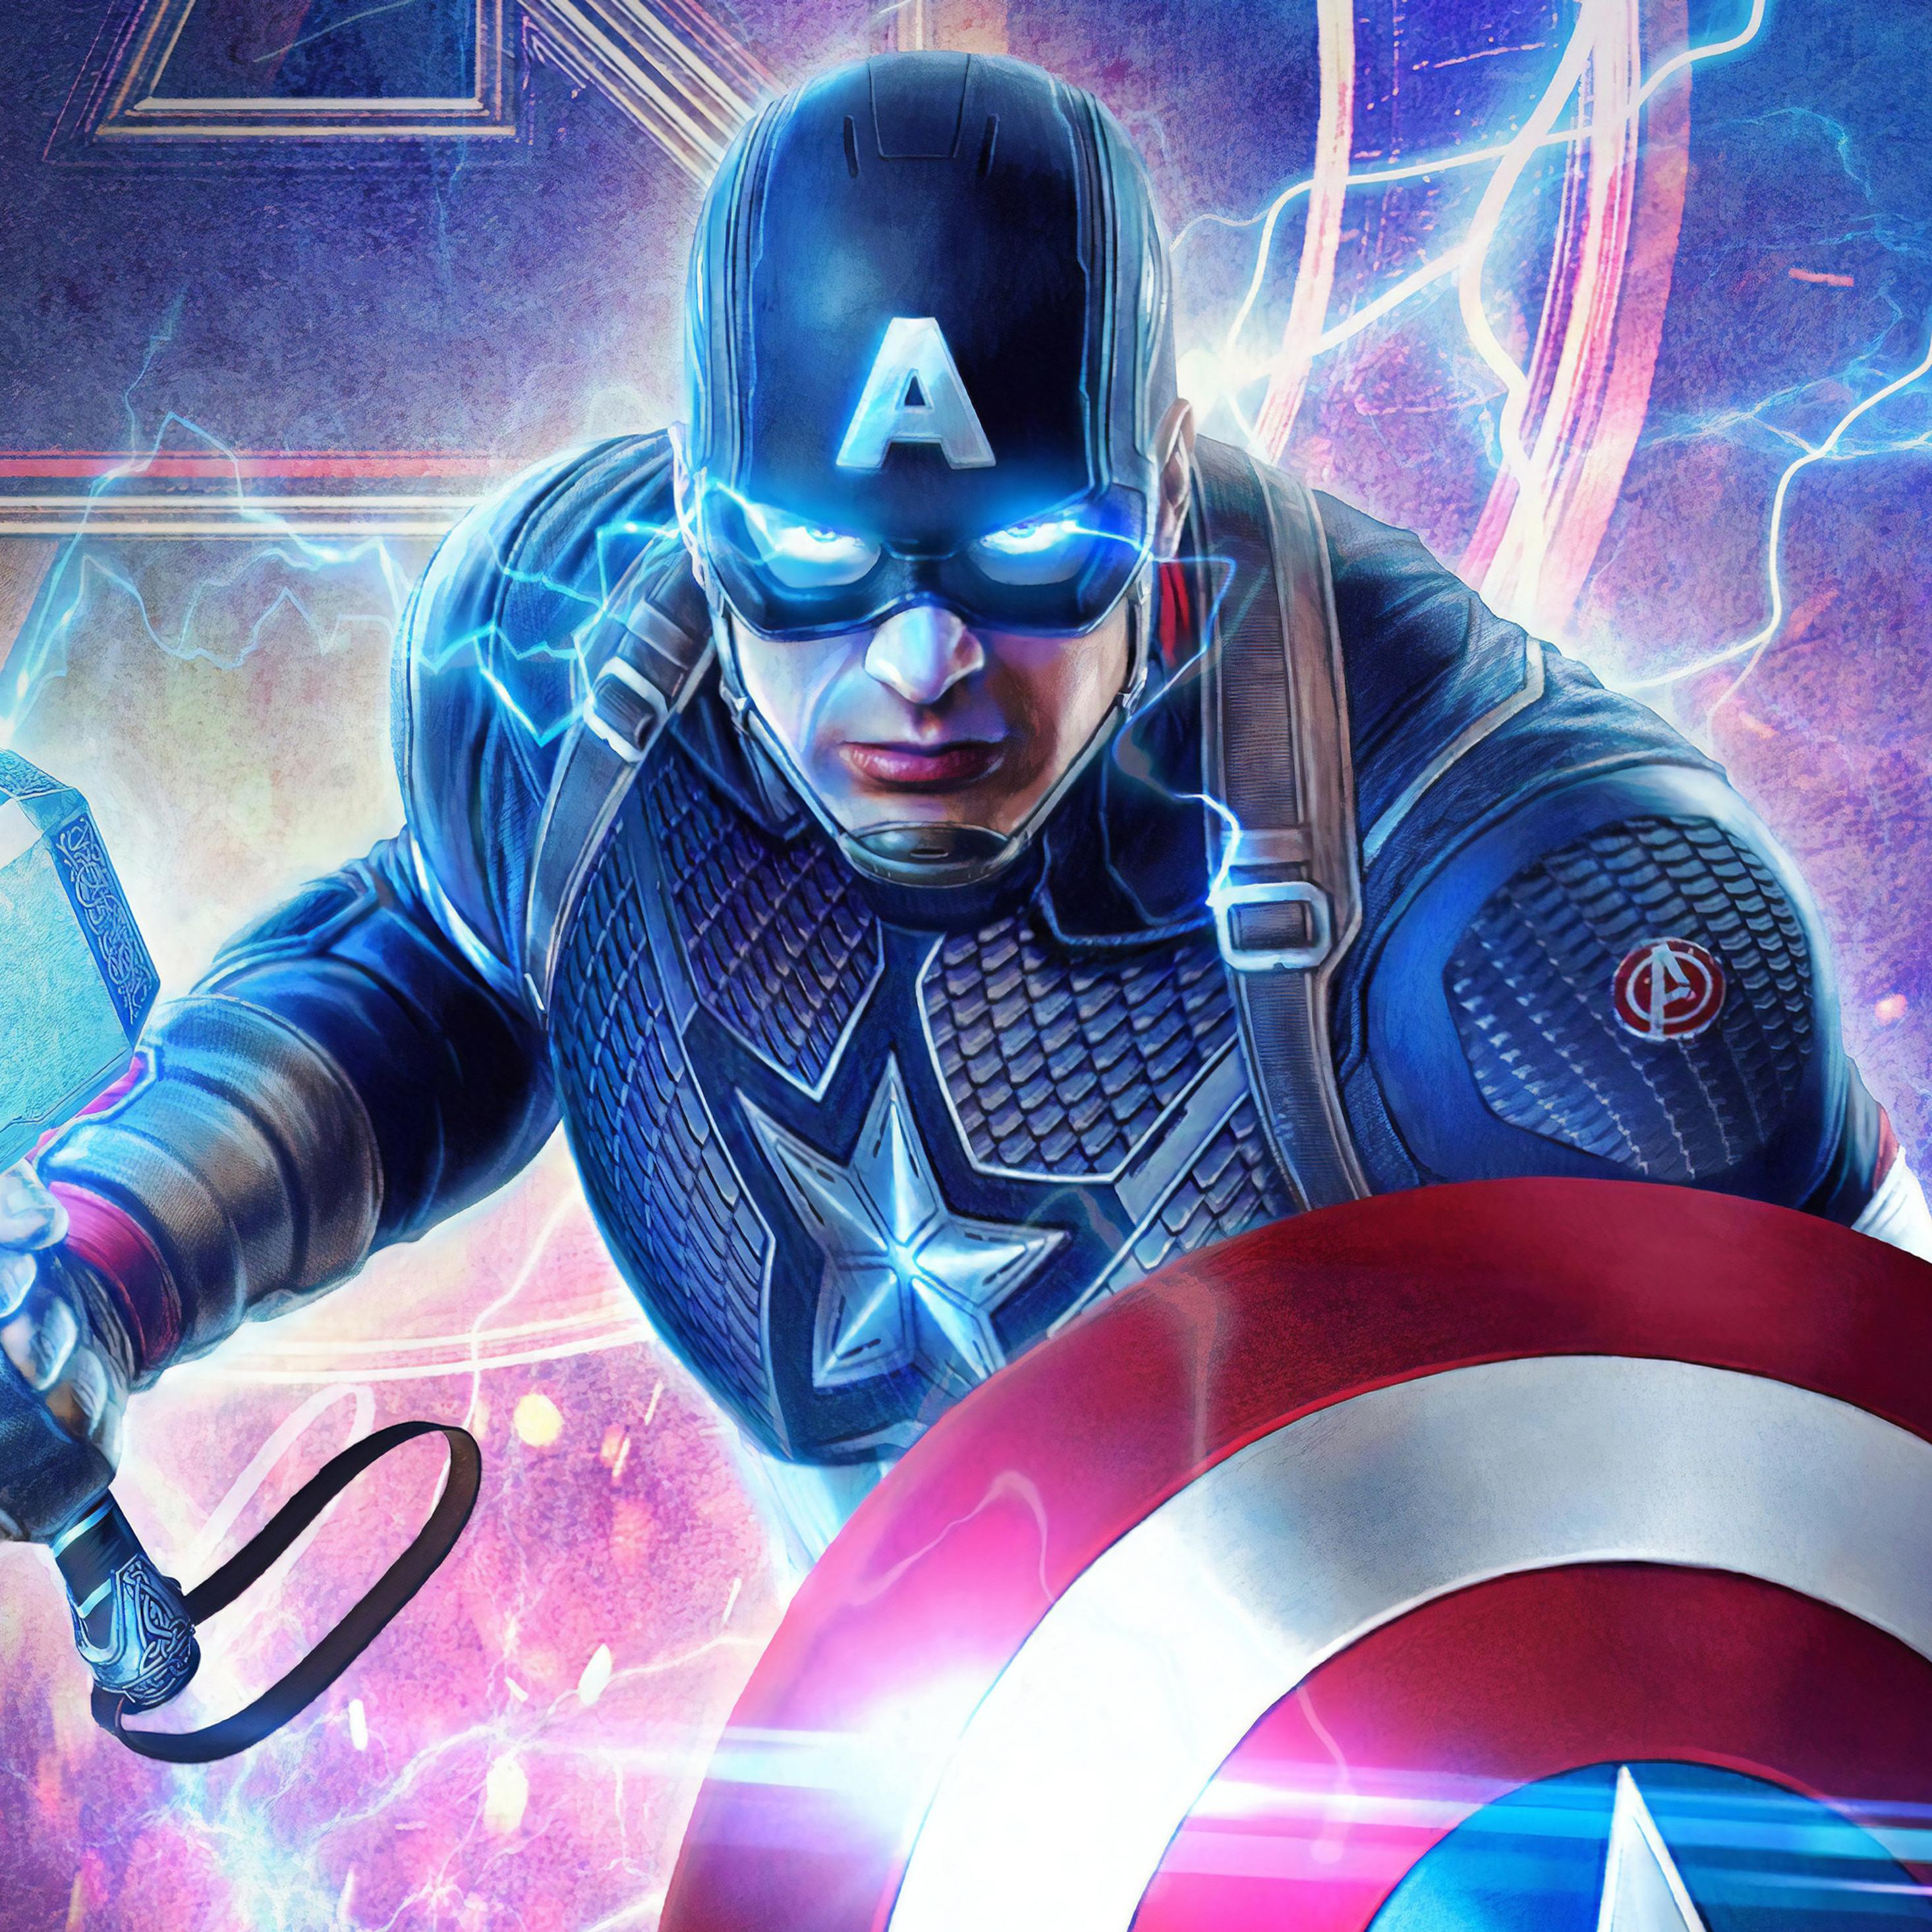 2932x2932 2019 Captain America Mjolnir Avengers Endgame 4k